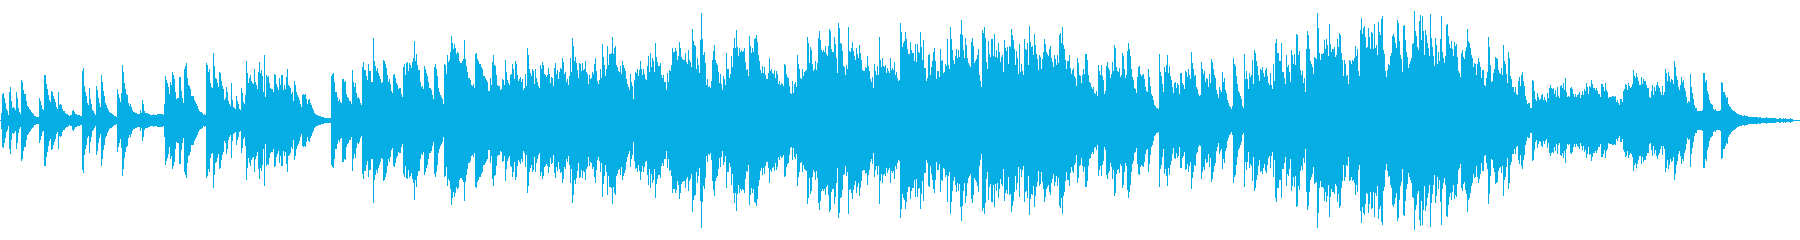 癒し 感動 切ないピアノソロの再生済みの波形